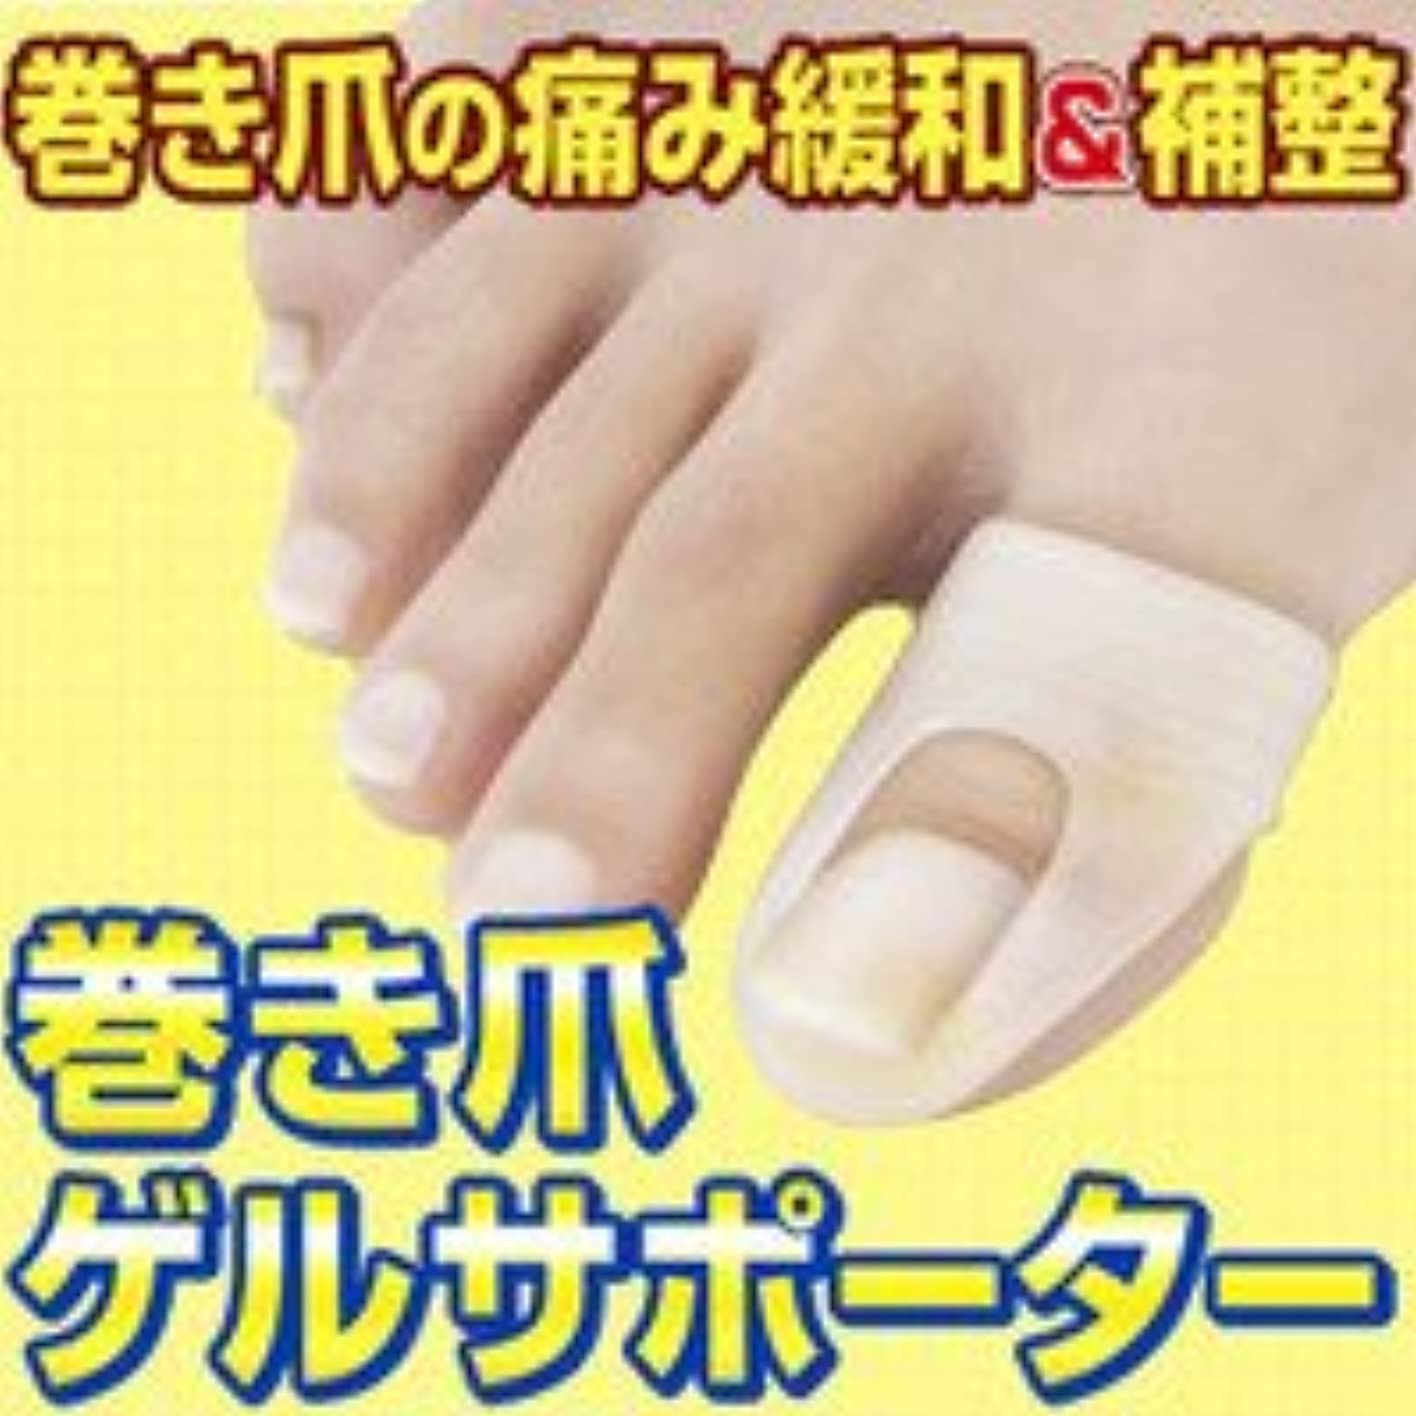 ストリップ傑出したモーター巻き爪&サムリング (2個組)(巻き爪の痛みを軽減!重心を内側に補正し、下半身を引き締め!)